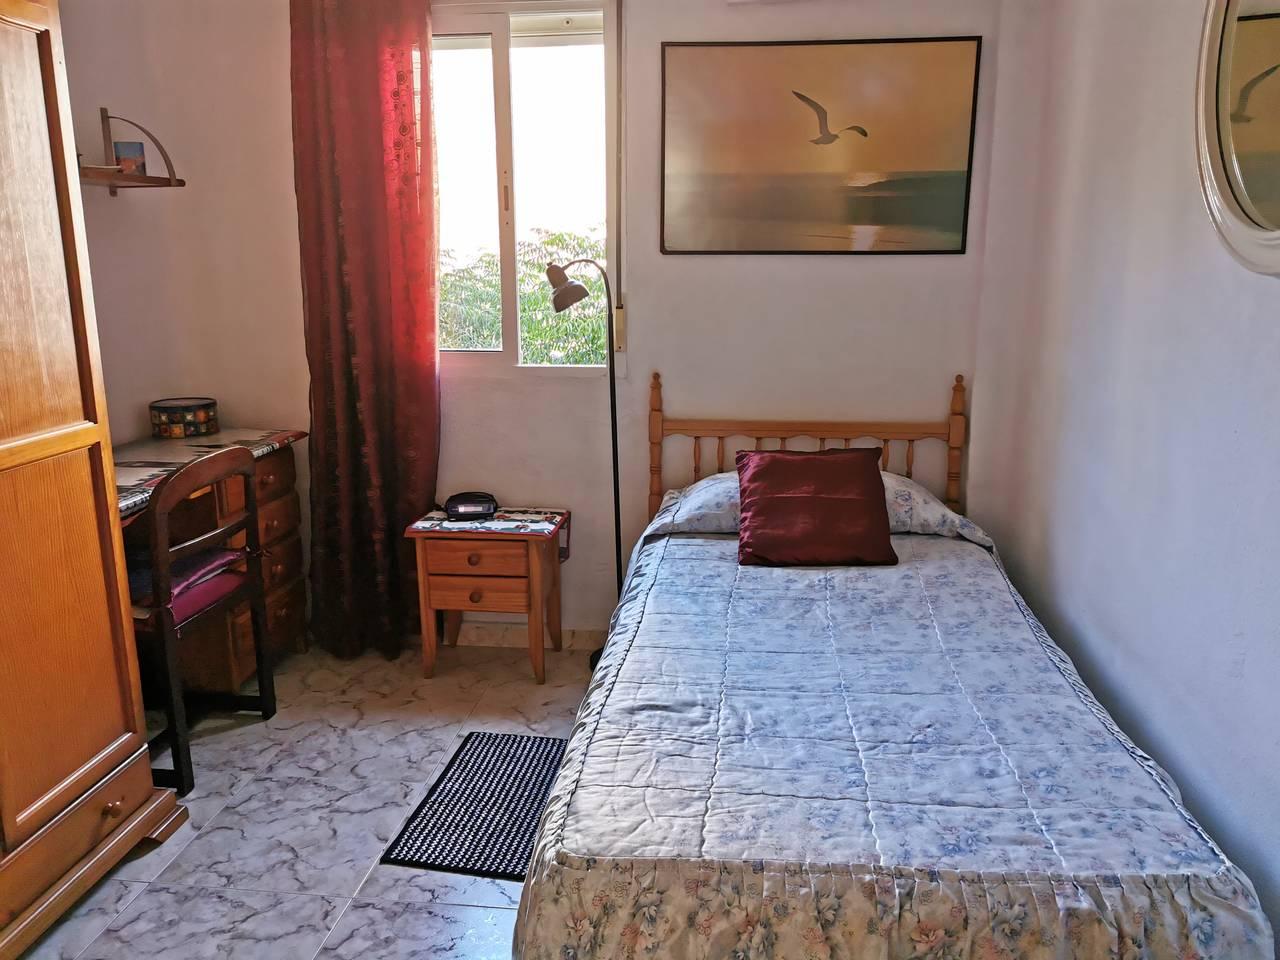 Habitación Zona Los Remedios  - Foto 2